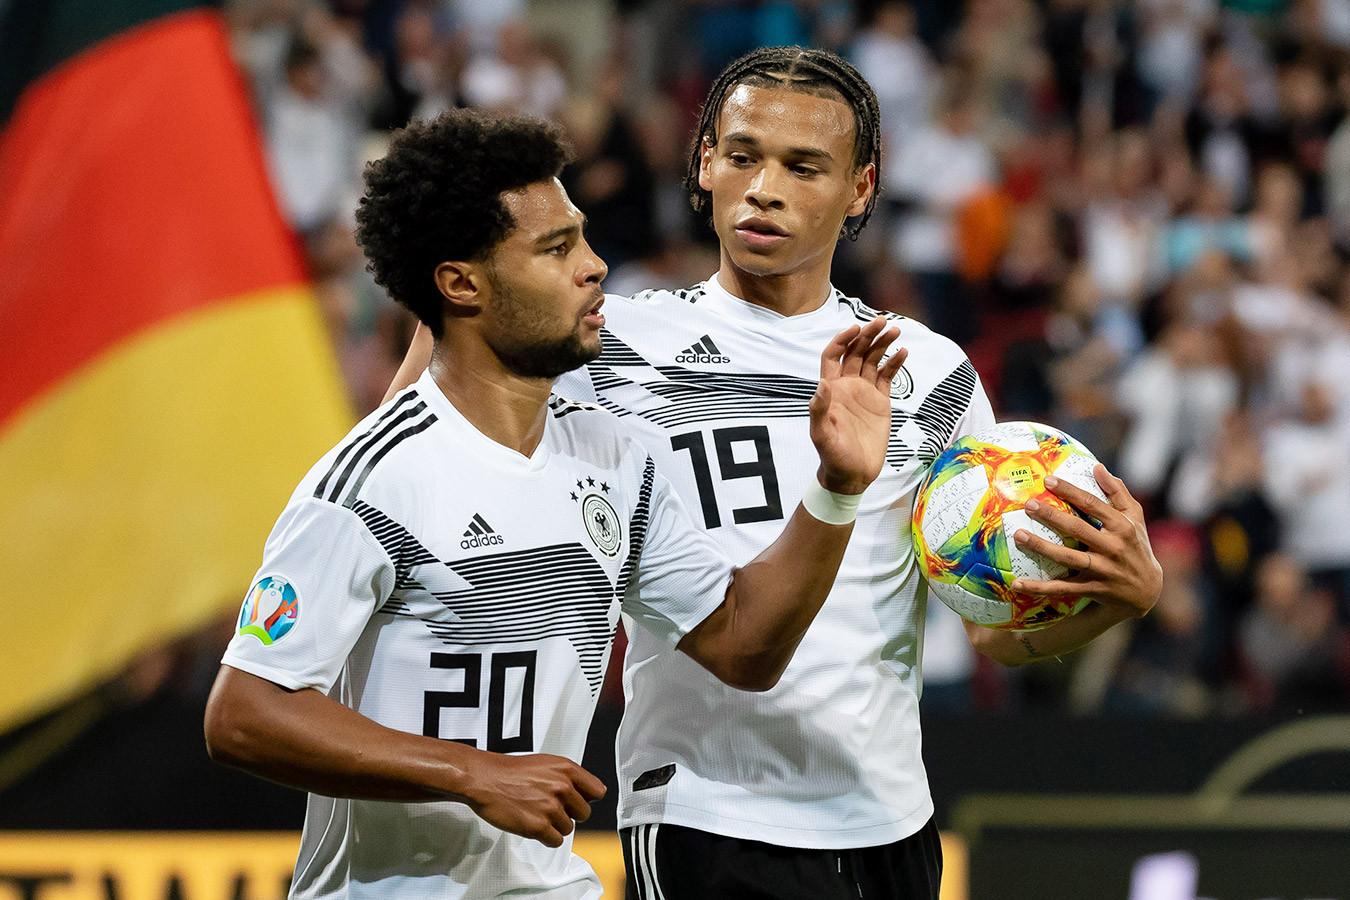 Состав немецкой национальной tycrbq футболе